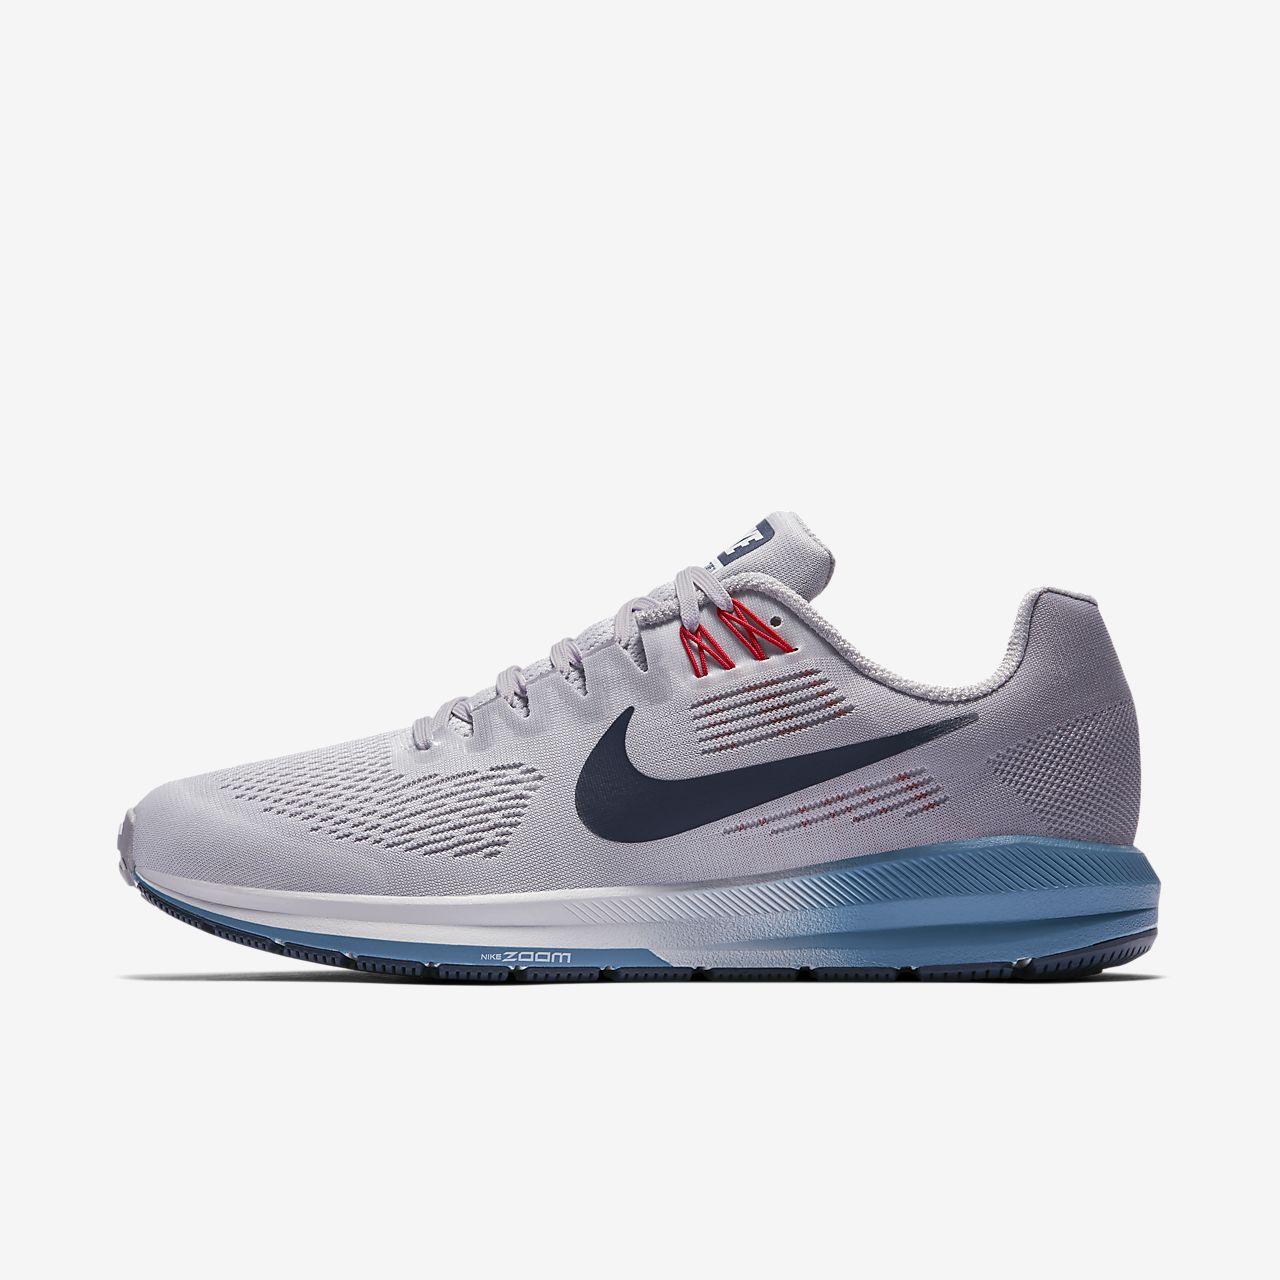 Nike Structure De Zoom De L'air 21 D'essai sneakernews bon marché dHi7B